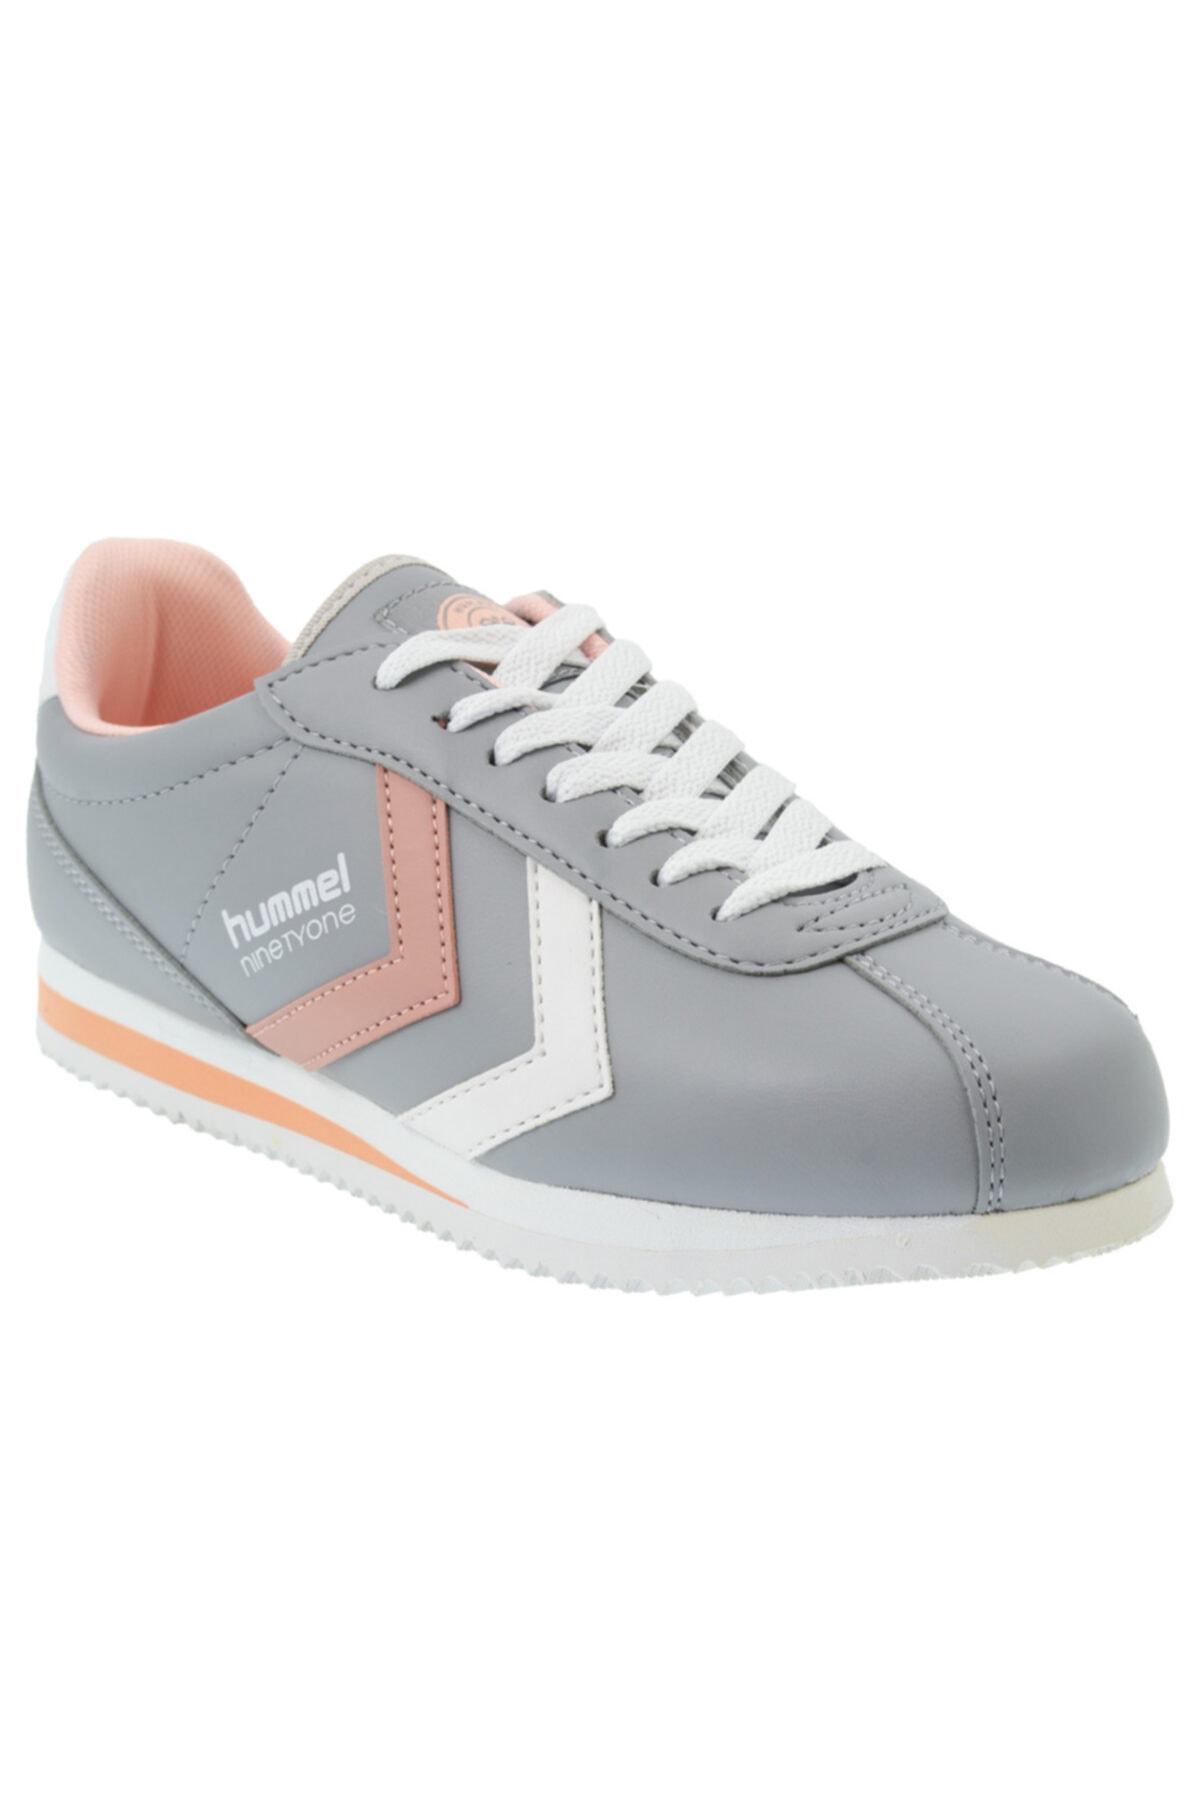 HUMMEL Ninetyone Unisex Gri Günlük Ayakkabı 208687-2003 2